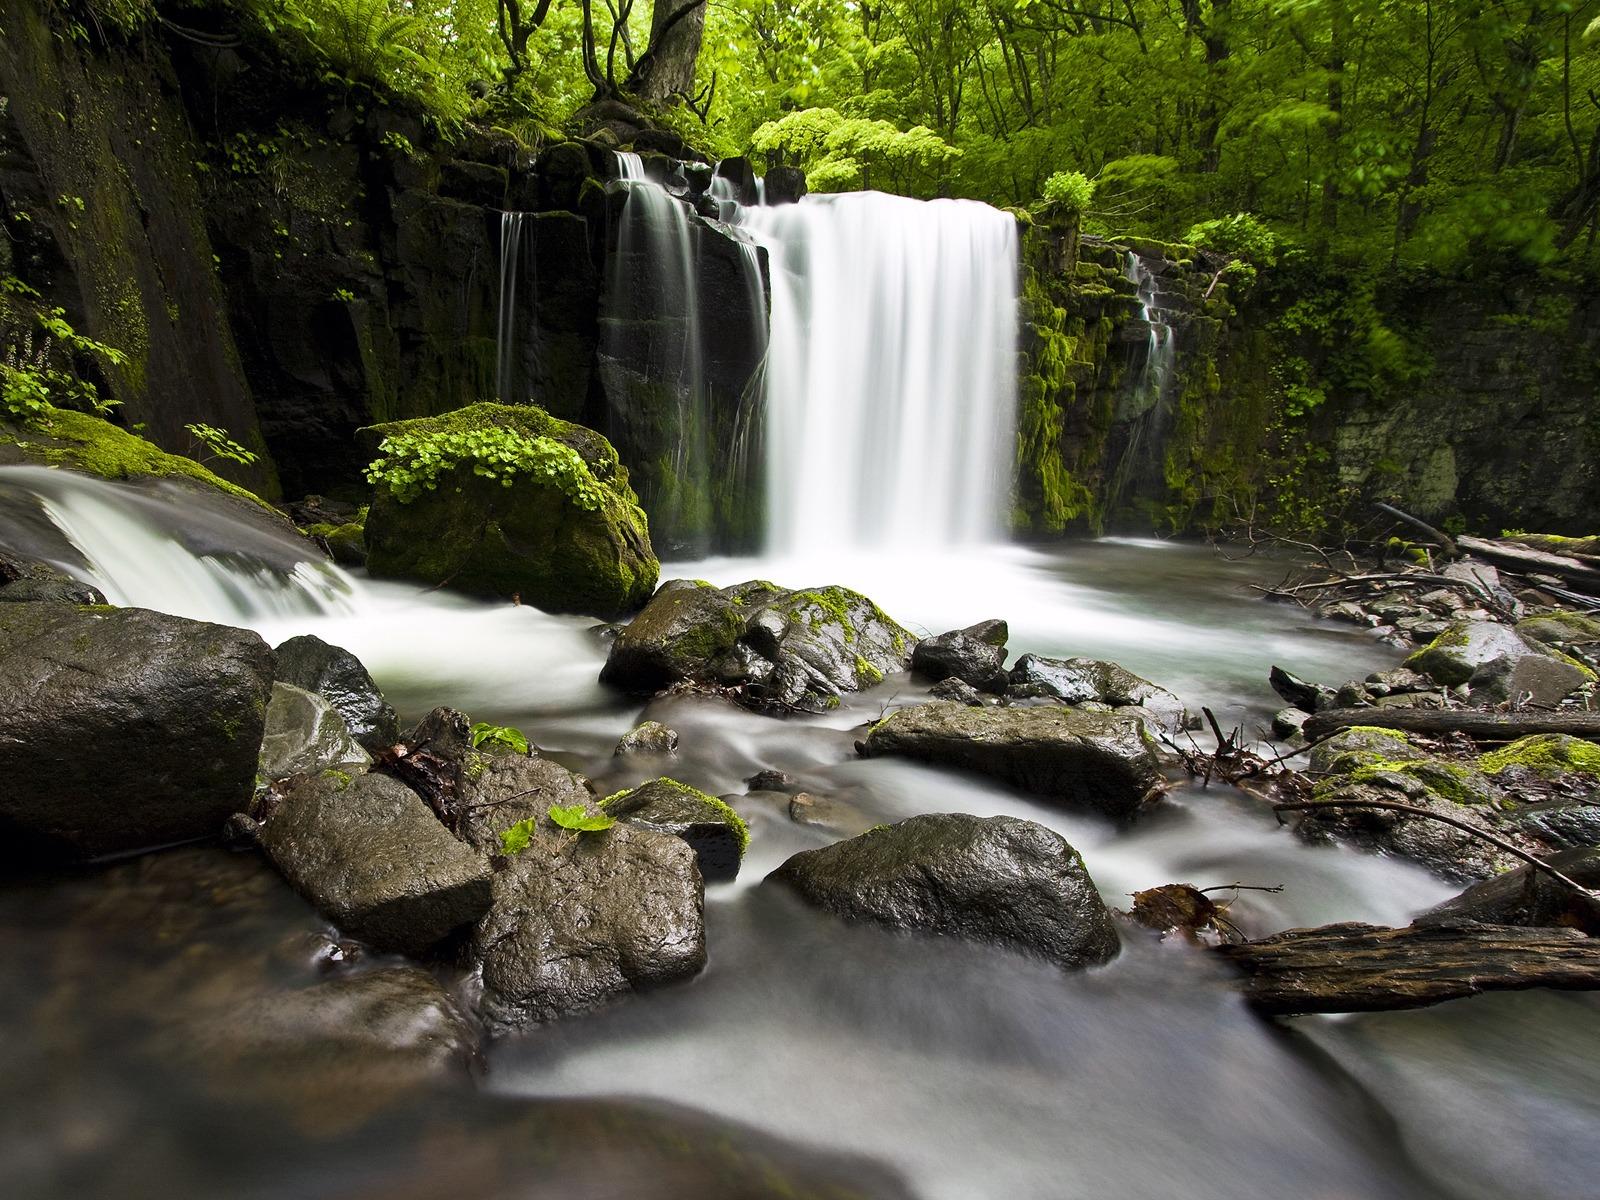 Beautiful Waterfall Wallpaper Rivers Nature Wallpapers In Jpg Format